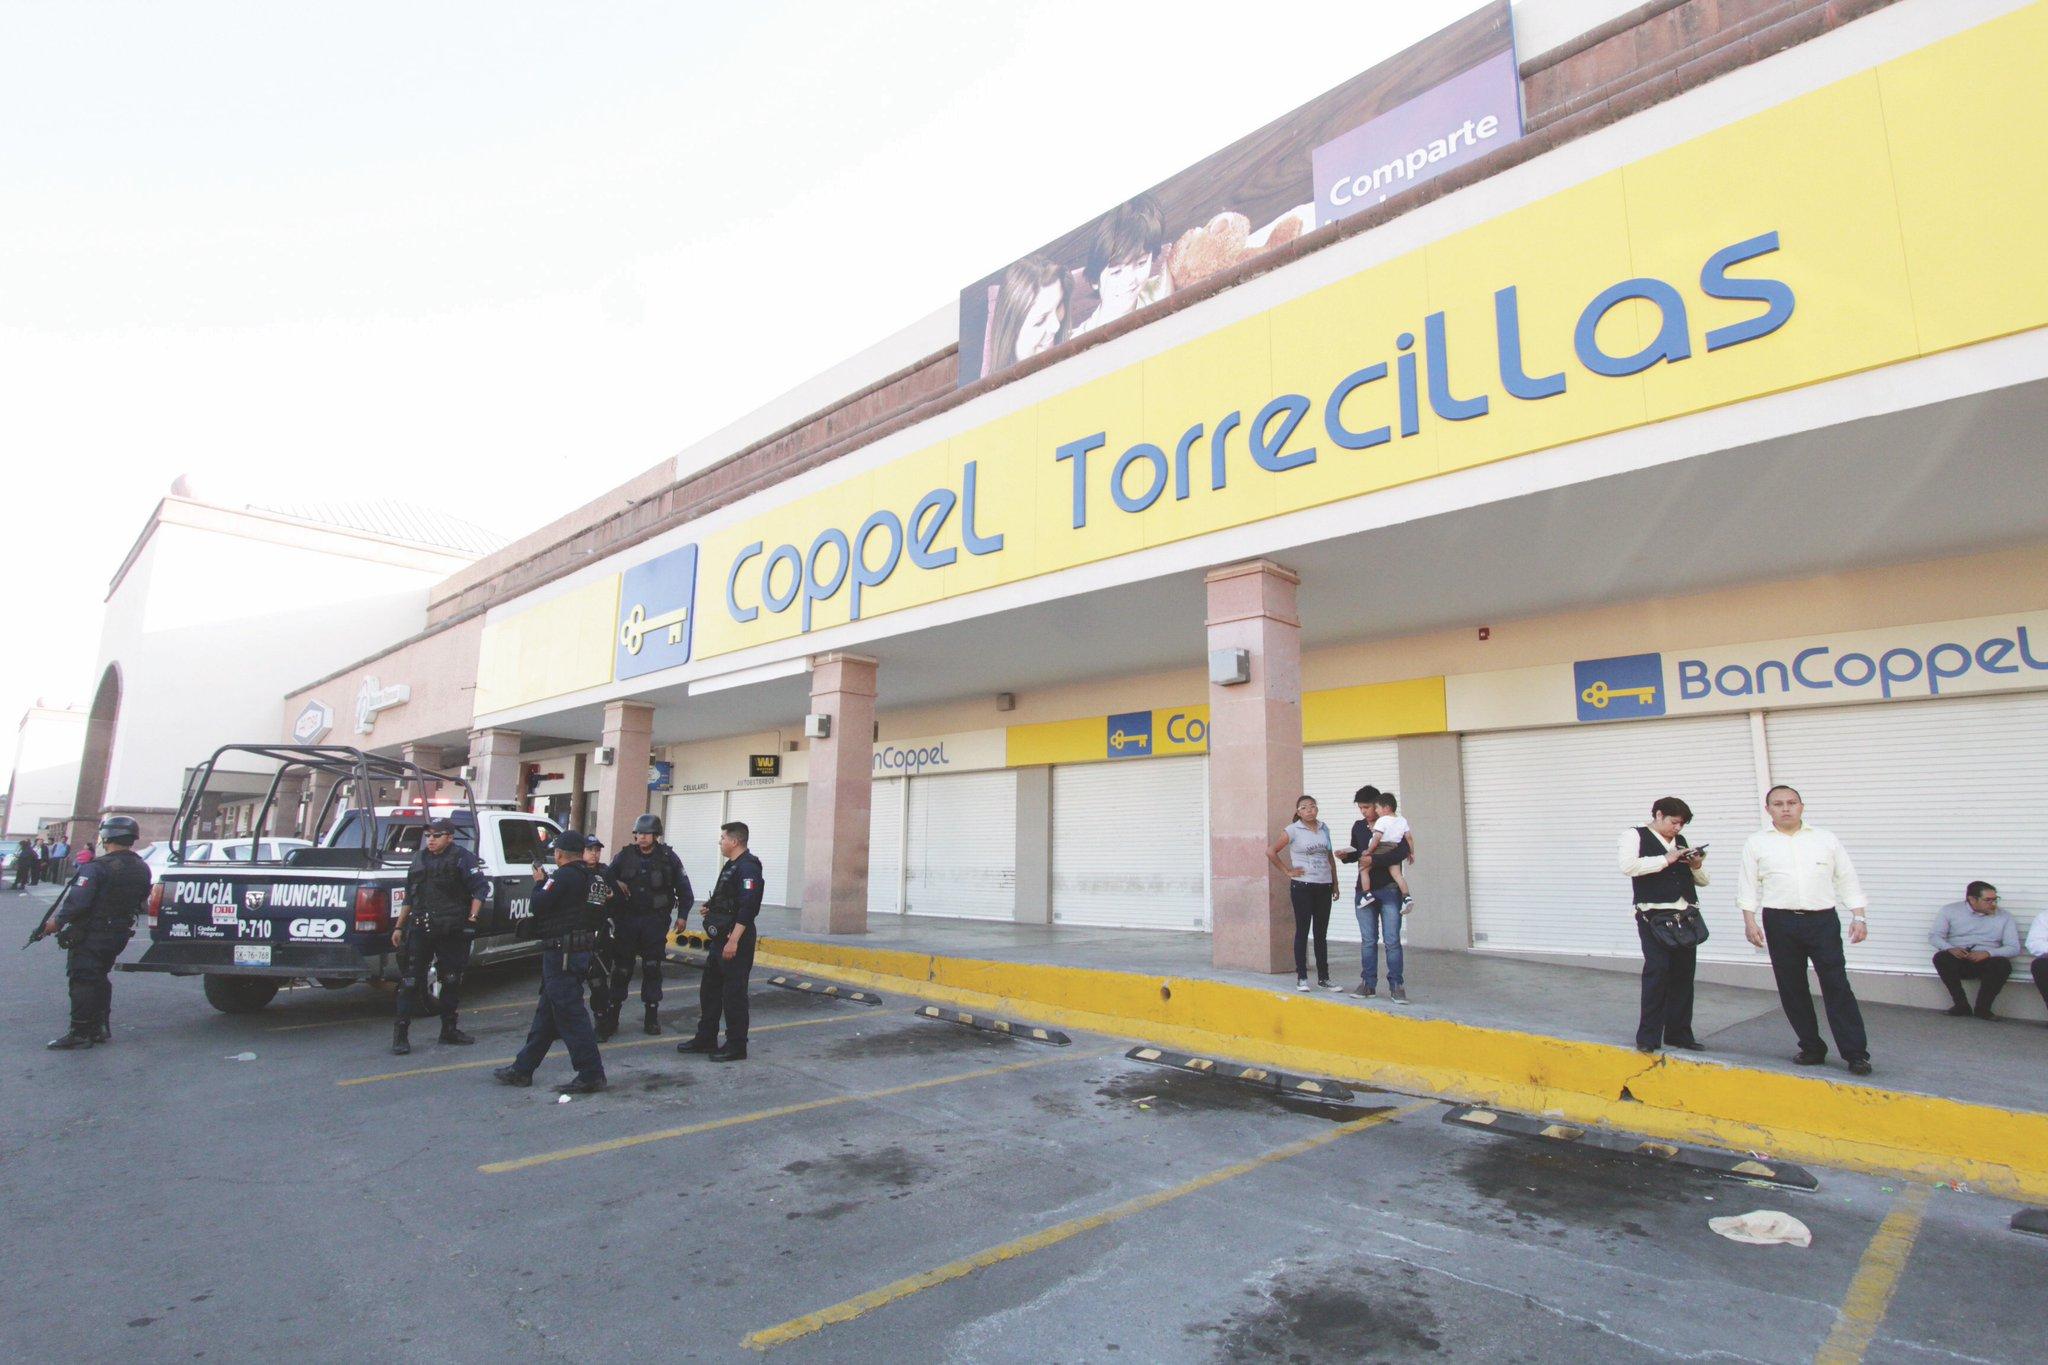 Asaltan ahora Coppel Torrecillas y huyen con joyería y relojes